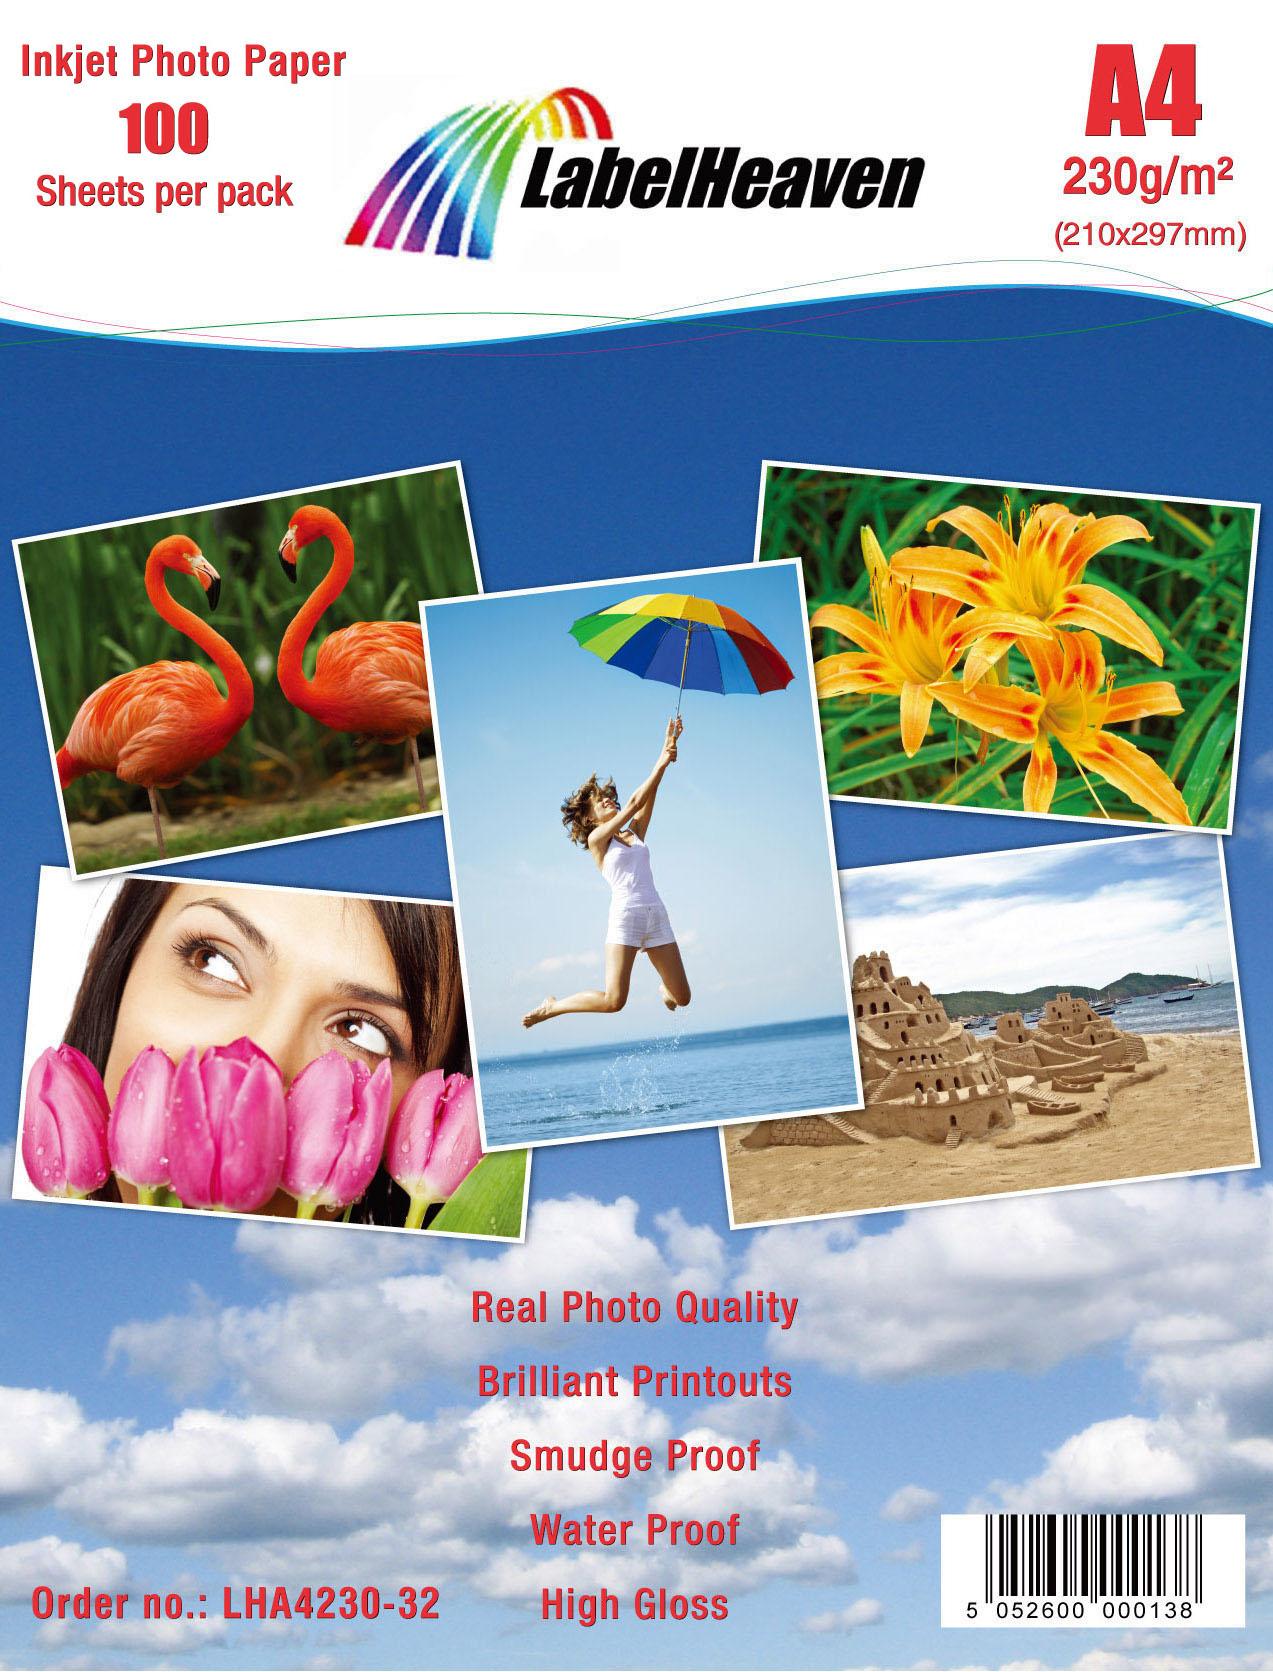 100 Blatt DIN A4 230g/m² Fotopapier HGlossy+wasserfest von Labelheaven Ltd